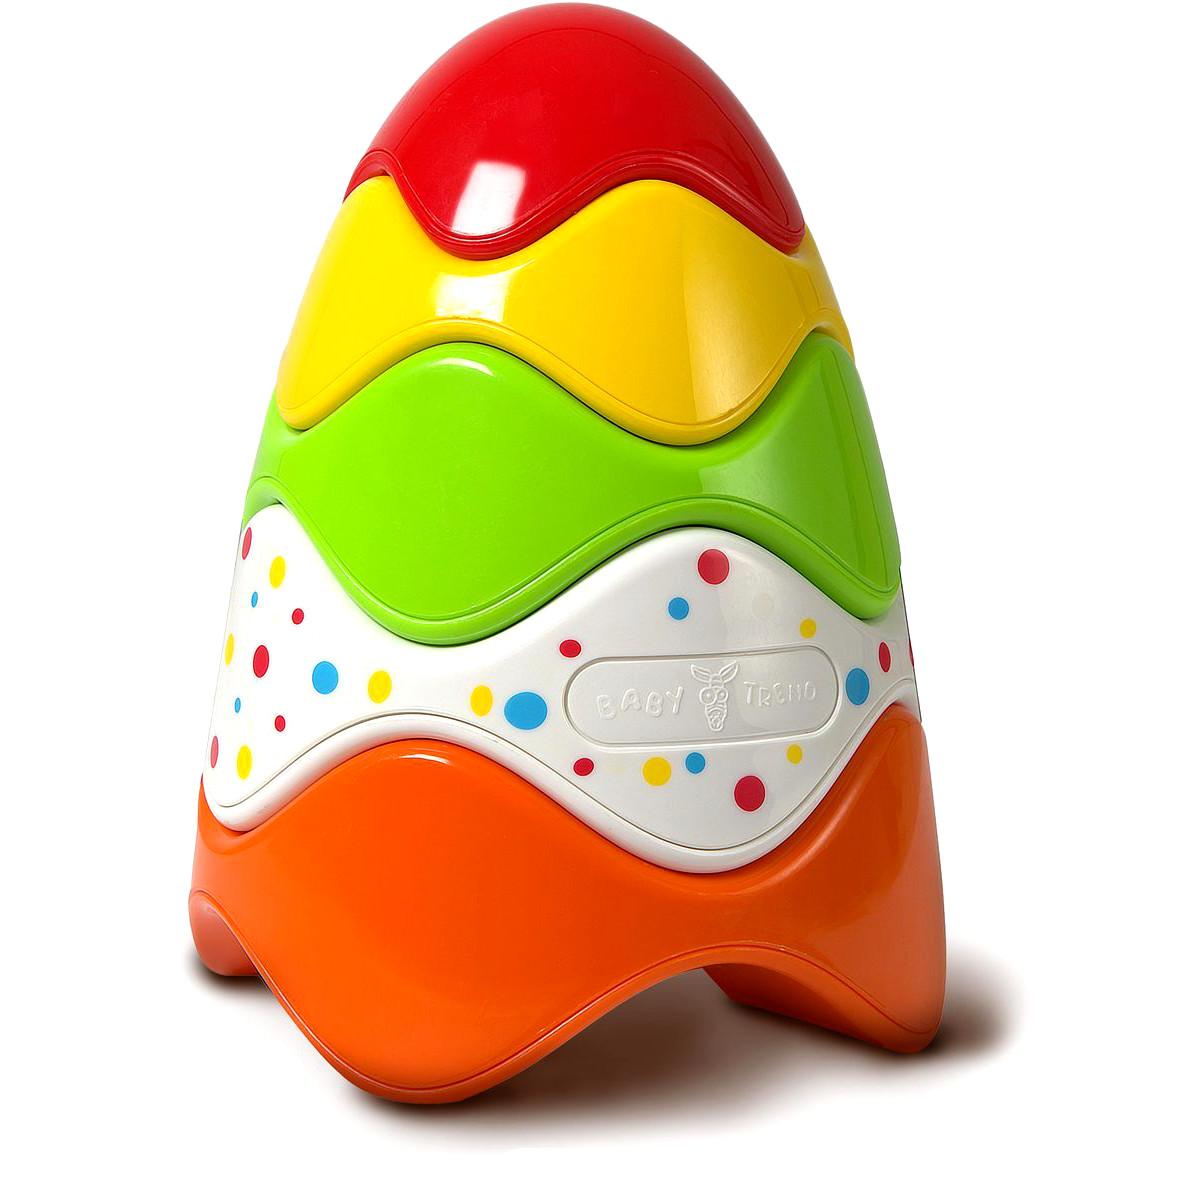 Развивающая игрушка – Пирамидка с 5 колечкамиСортеры, пирамидки<br>Развивающая игрушка – Пирамидка с 5 колечками<br>